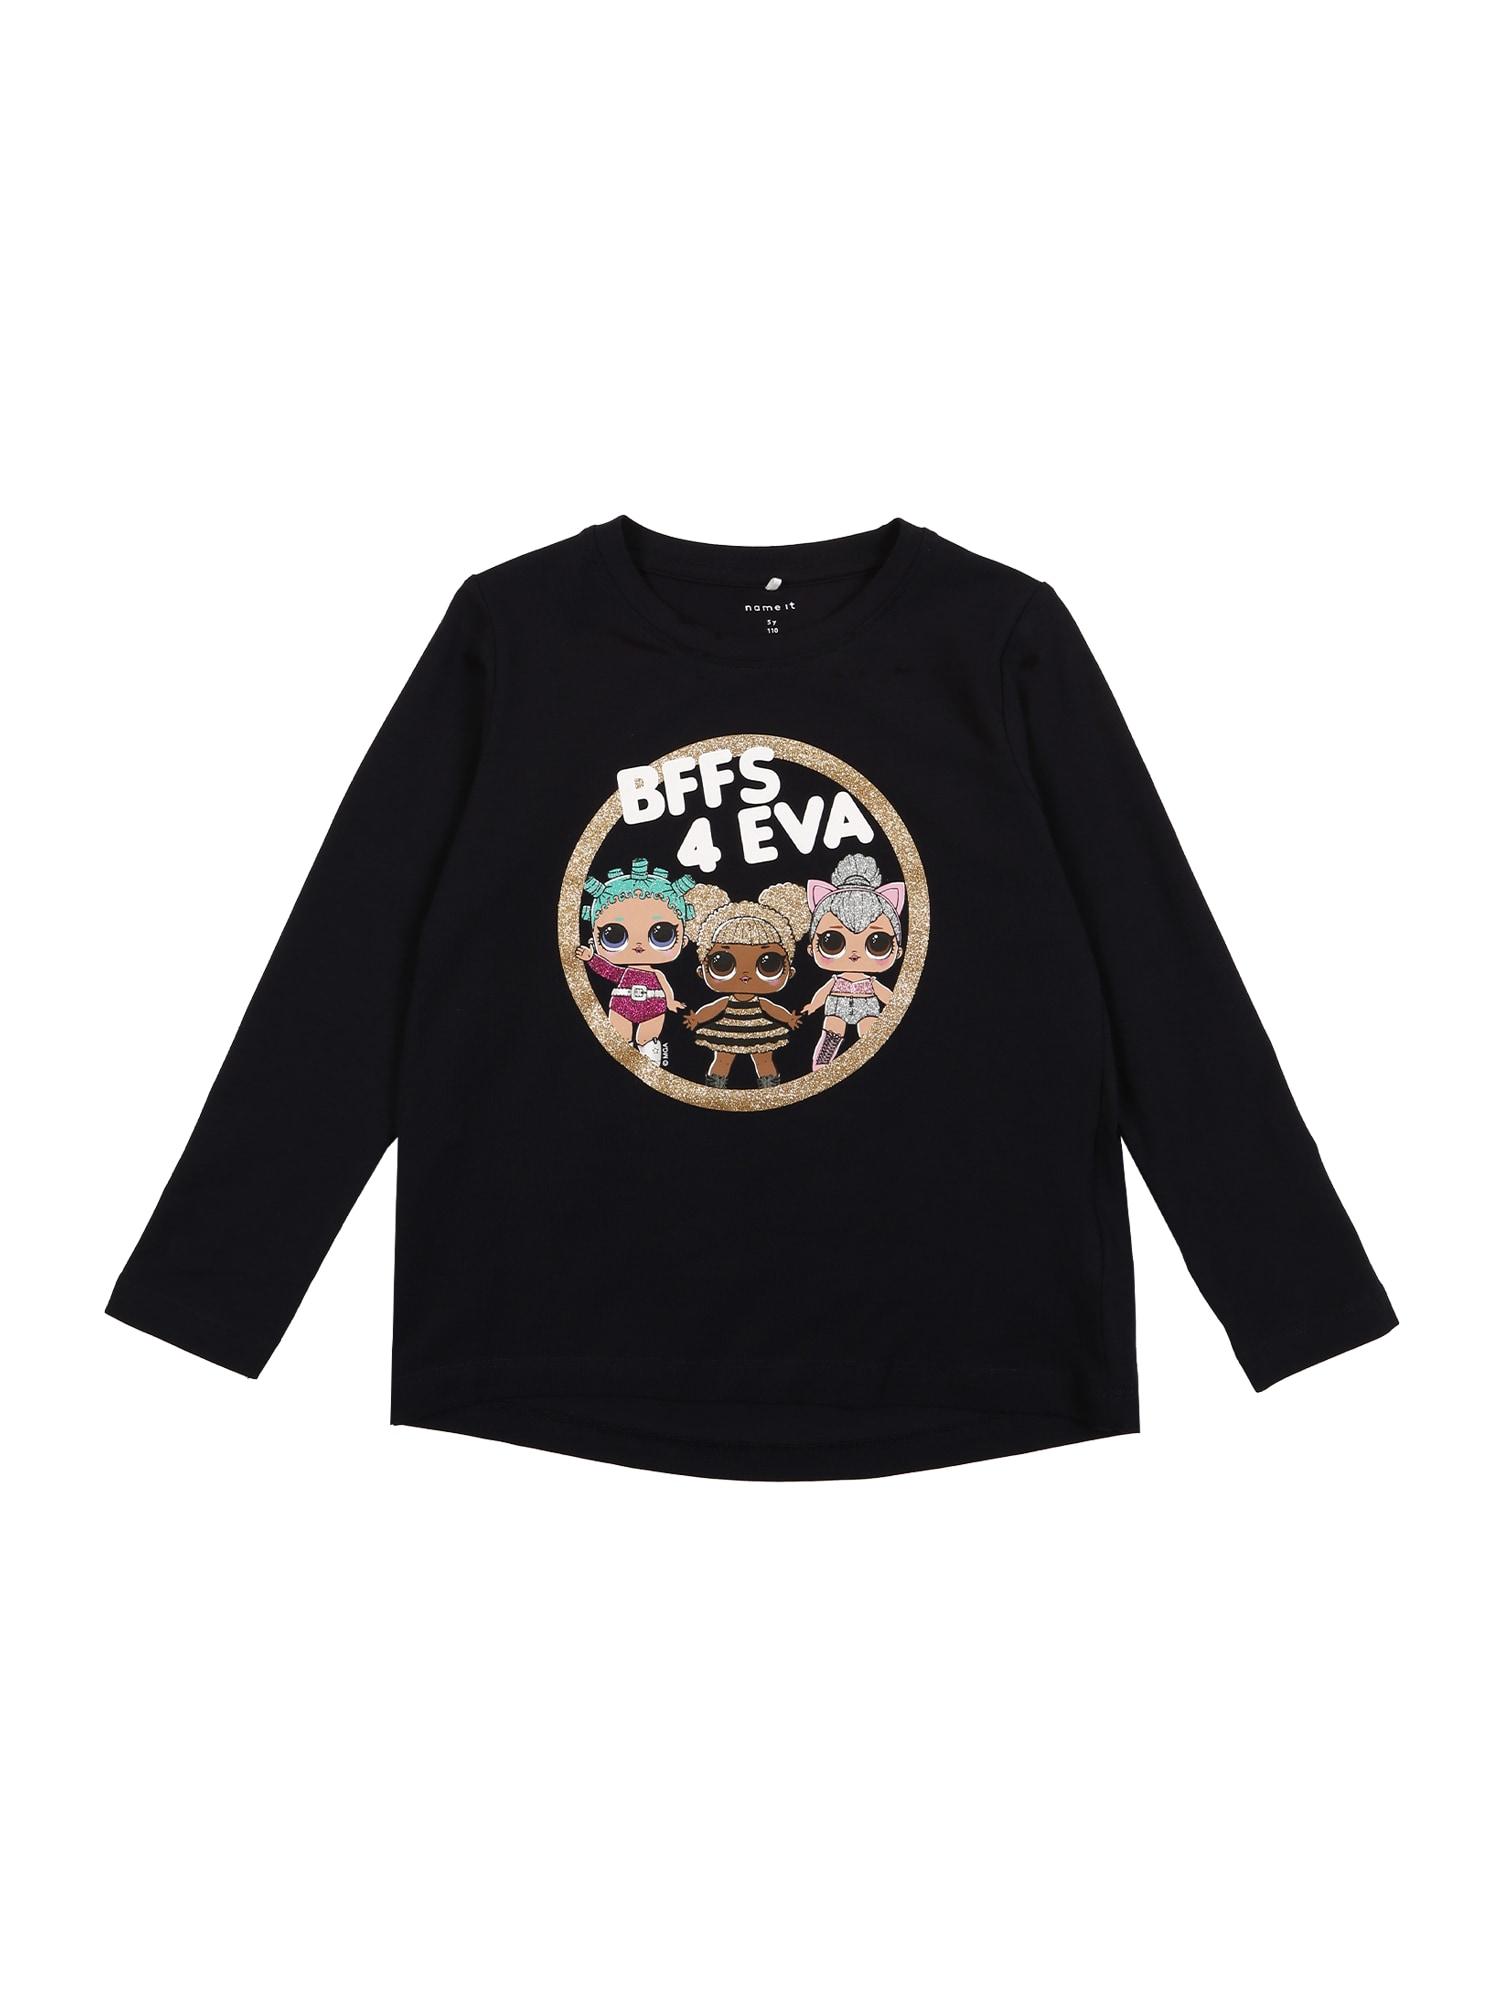 NAME IT Marškinėliai mišrios spalvos / juoda